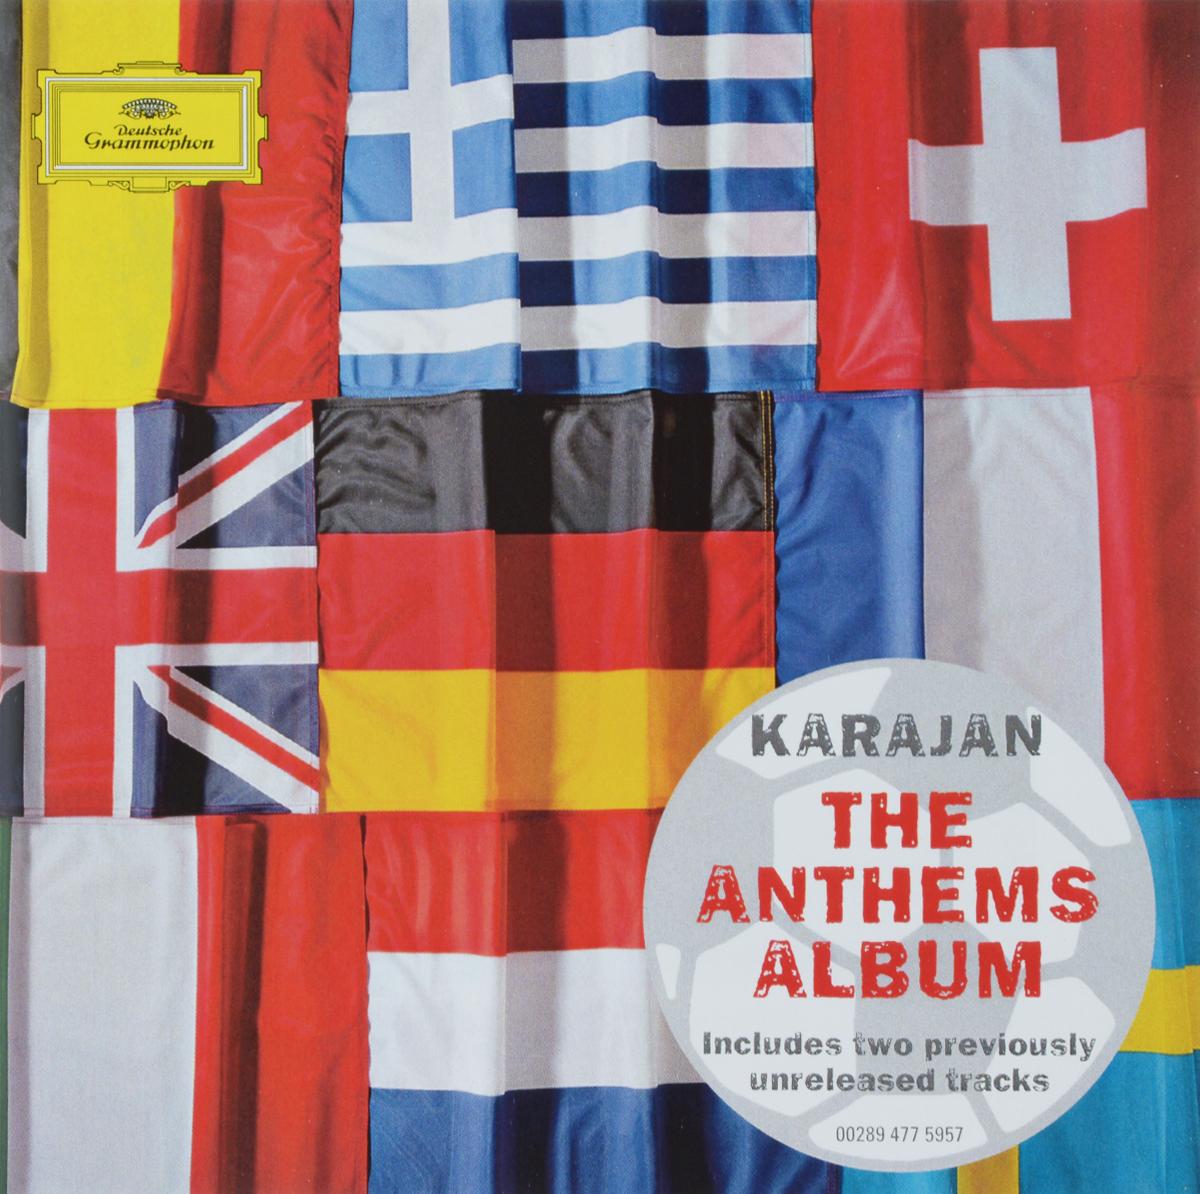 Издание содержит 20-страничный буклет с дополнительной информацией на немецком языке.